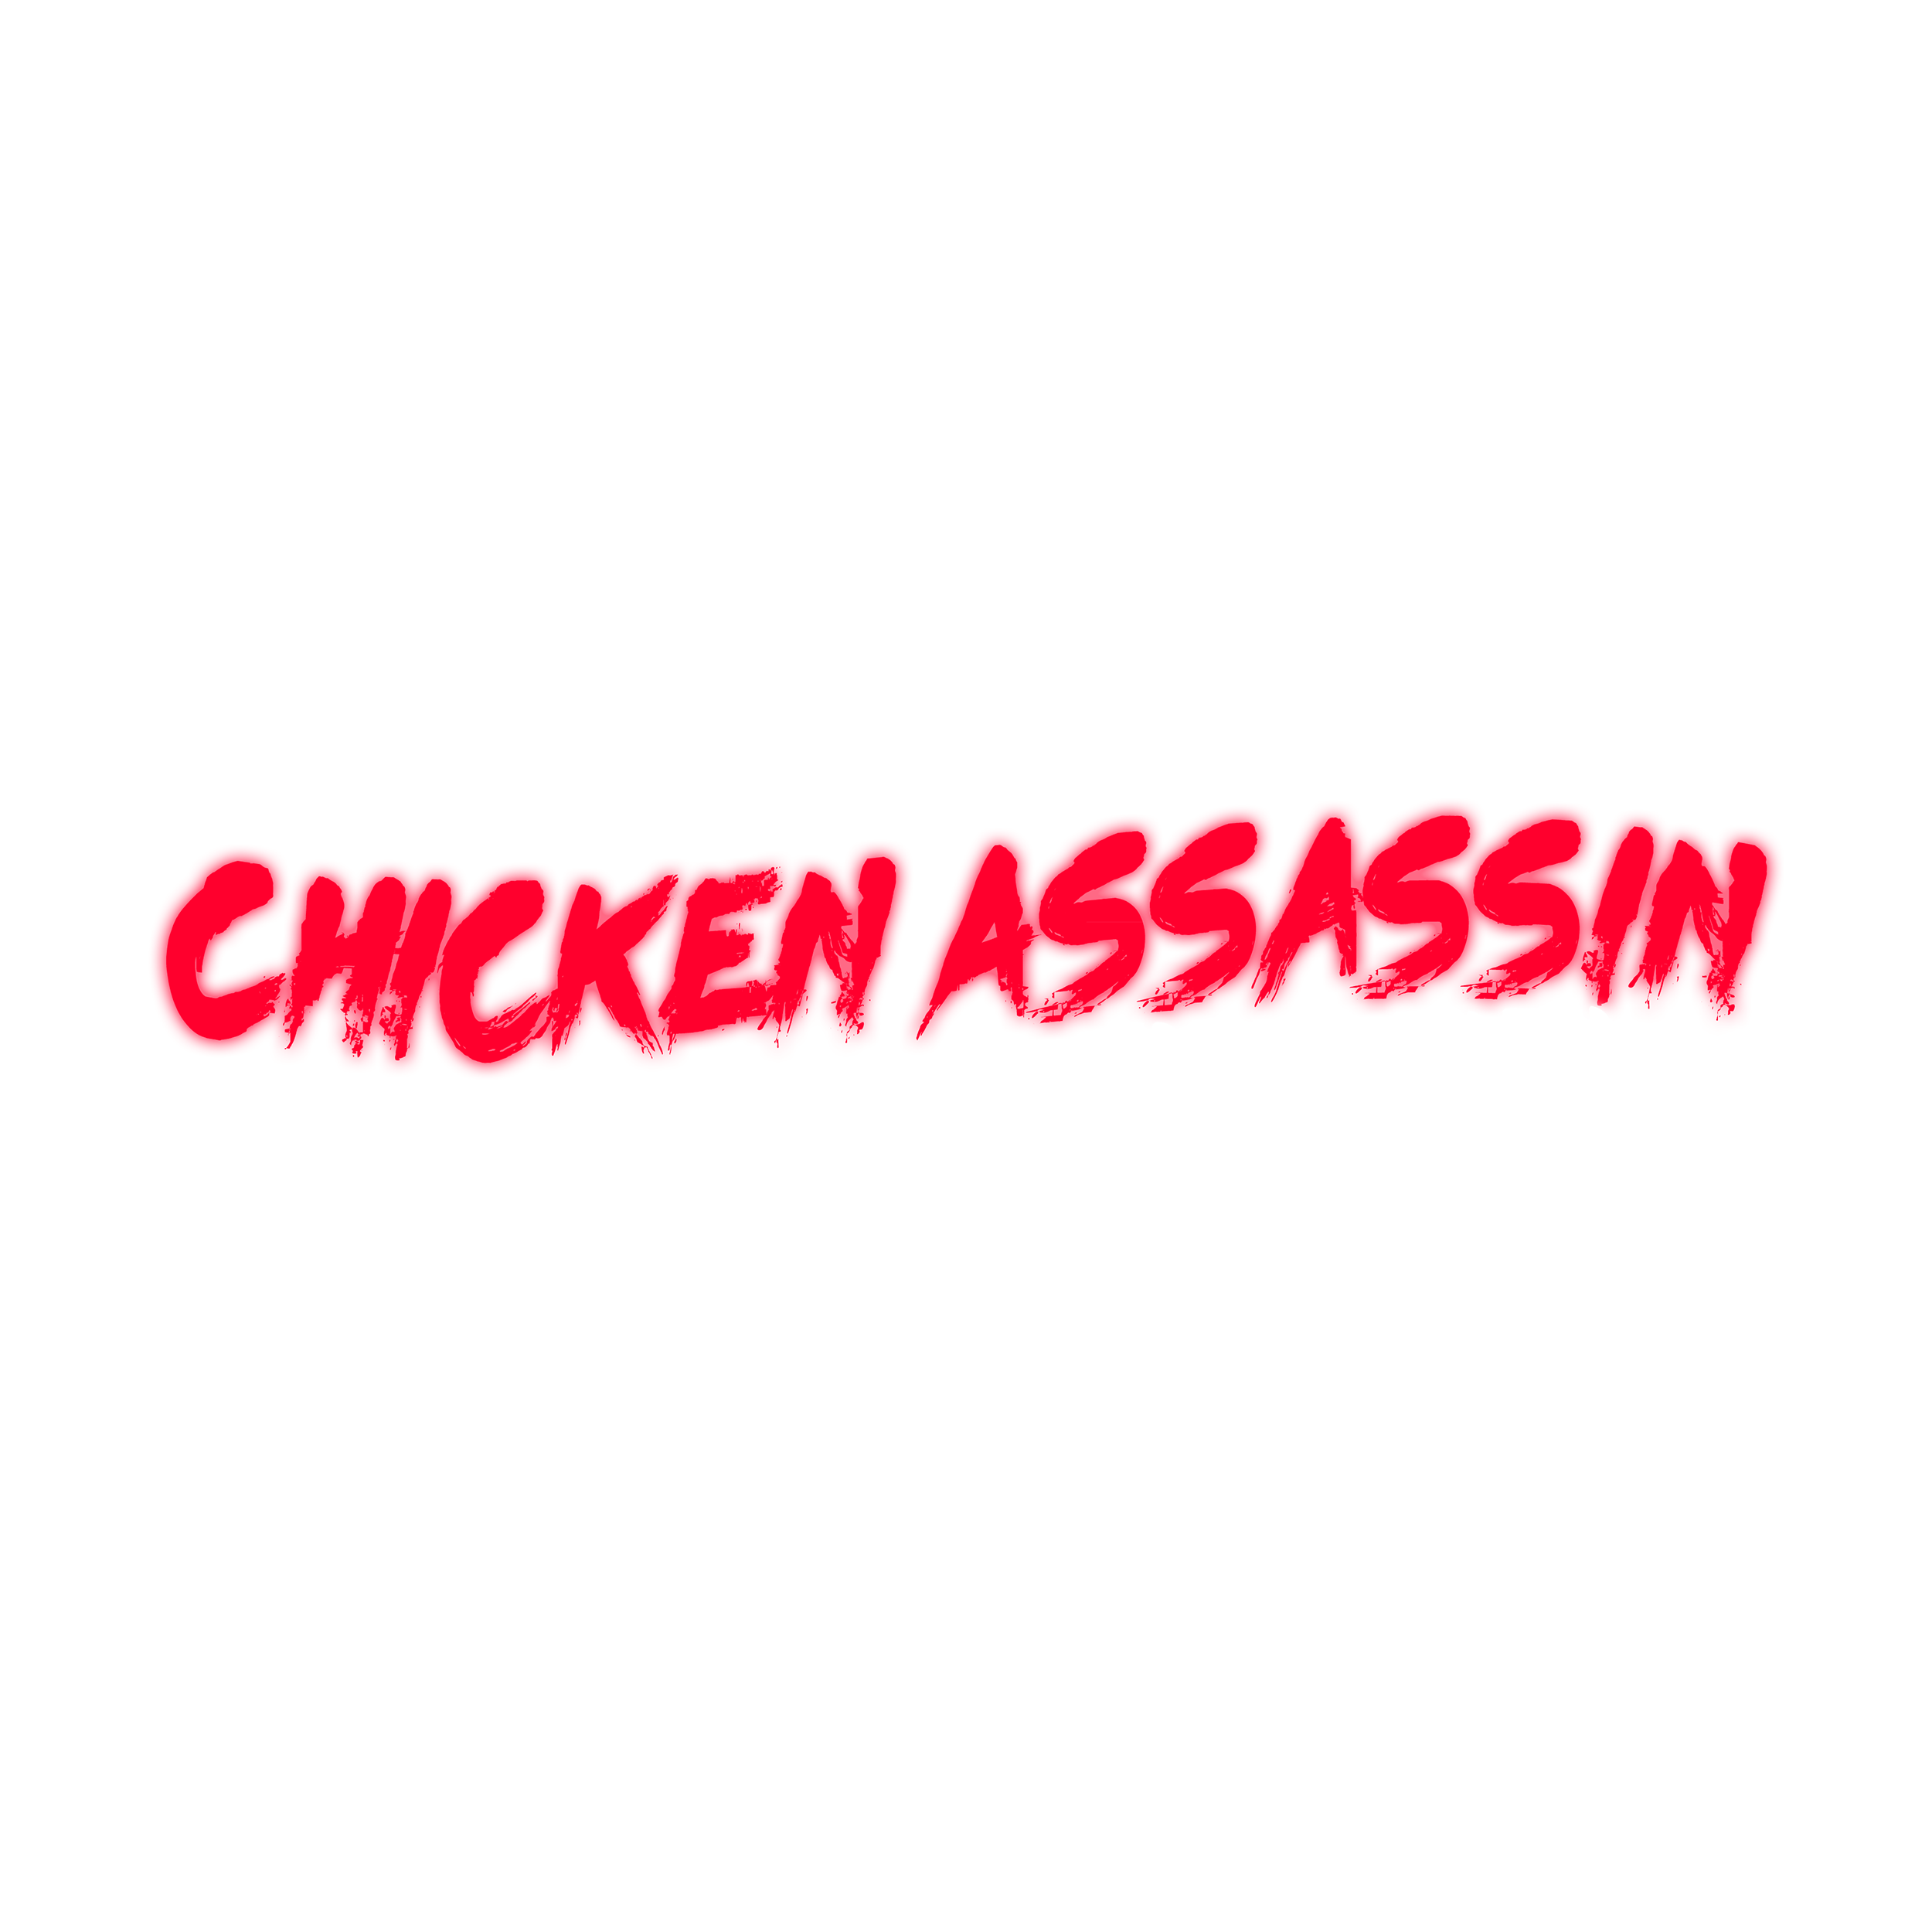 Chicken Assassin Reloaded logo